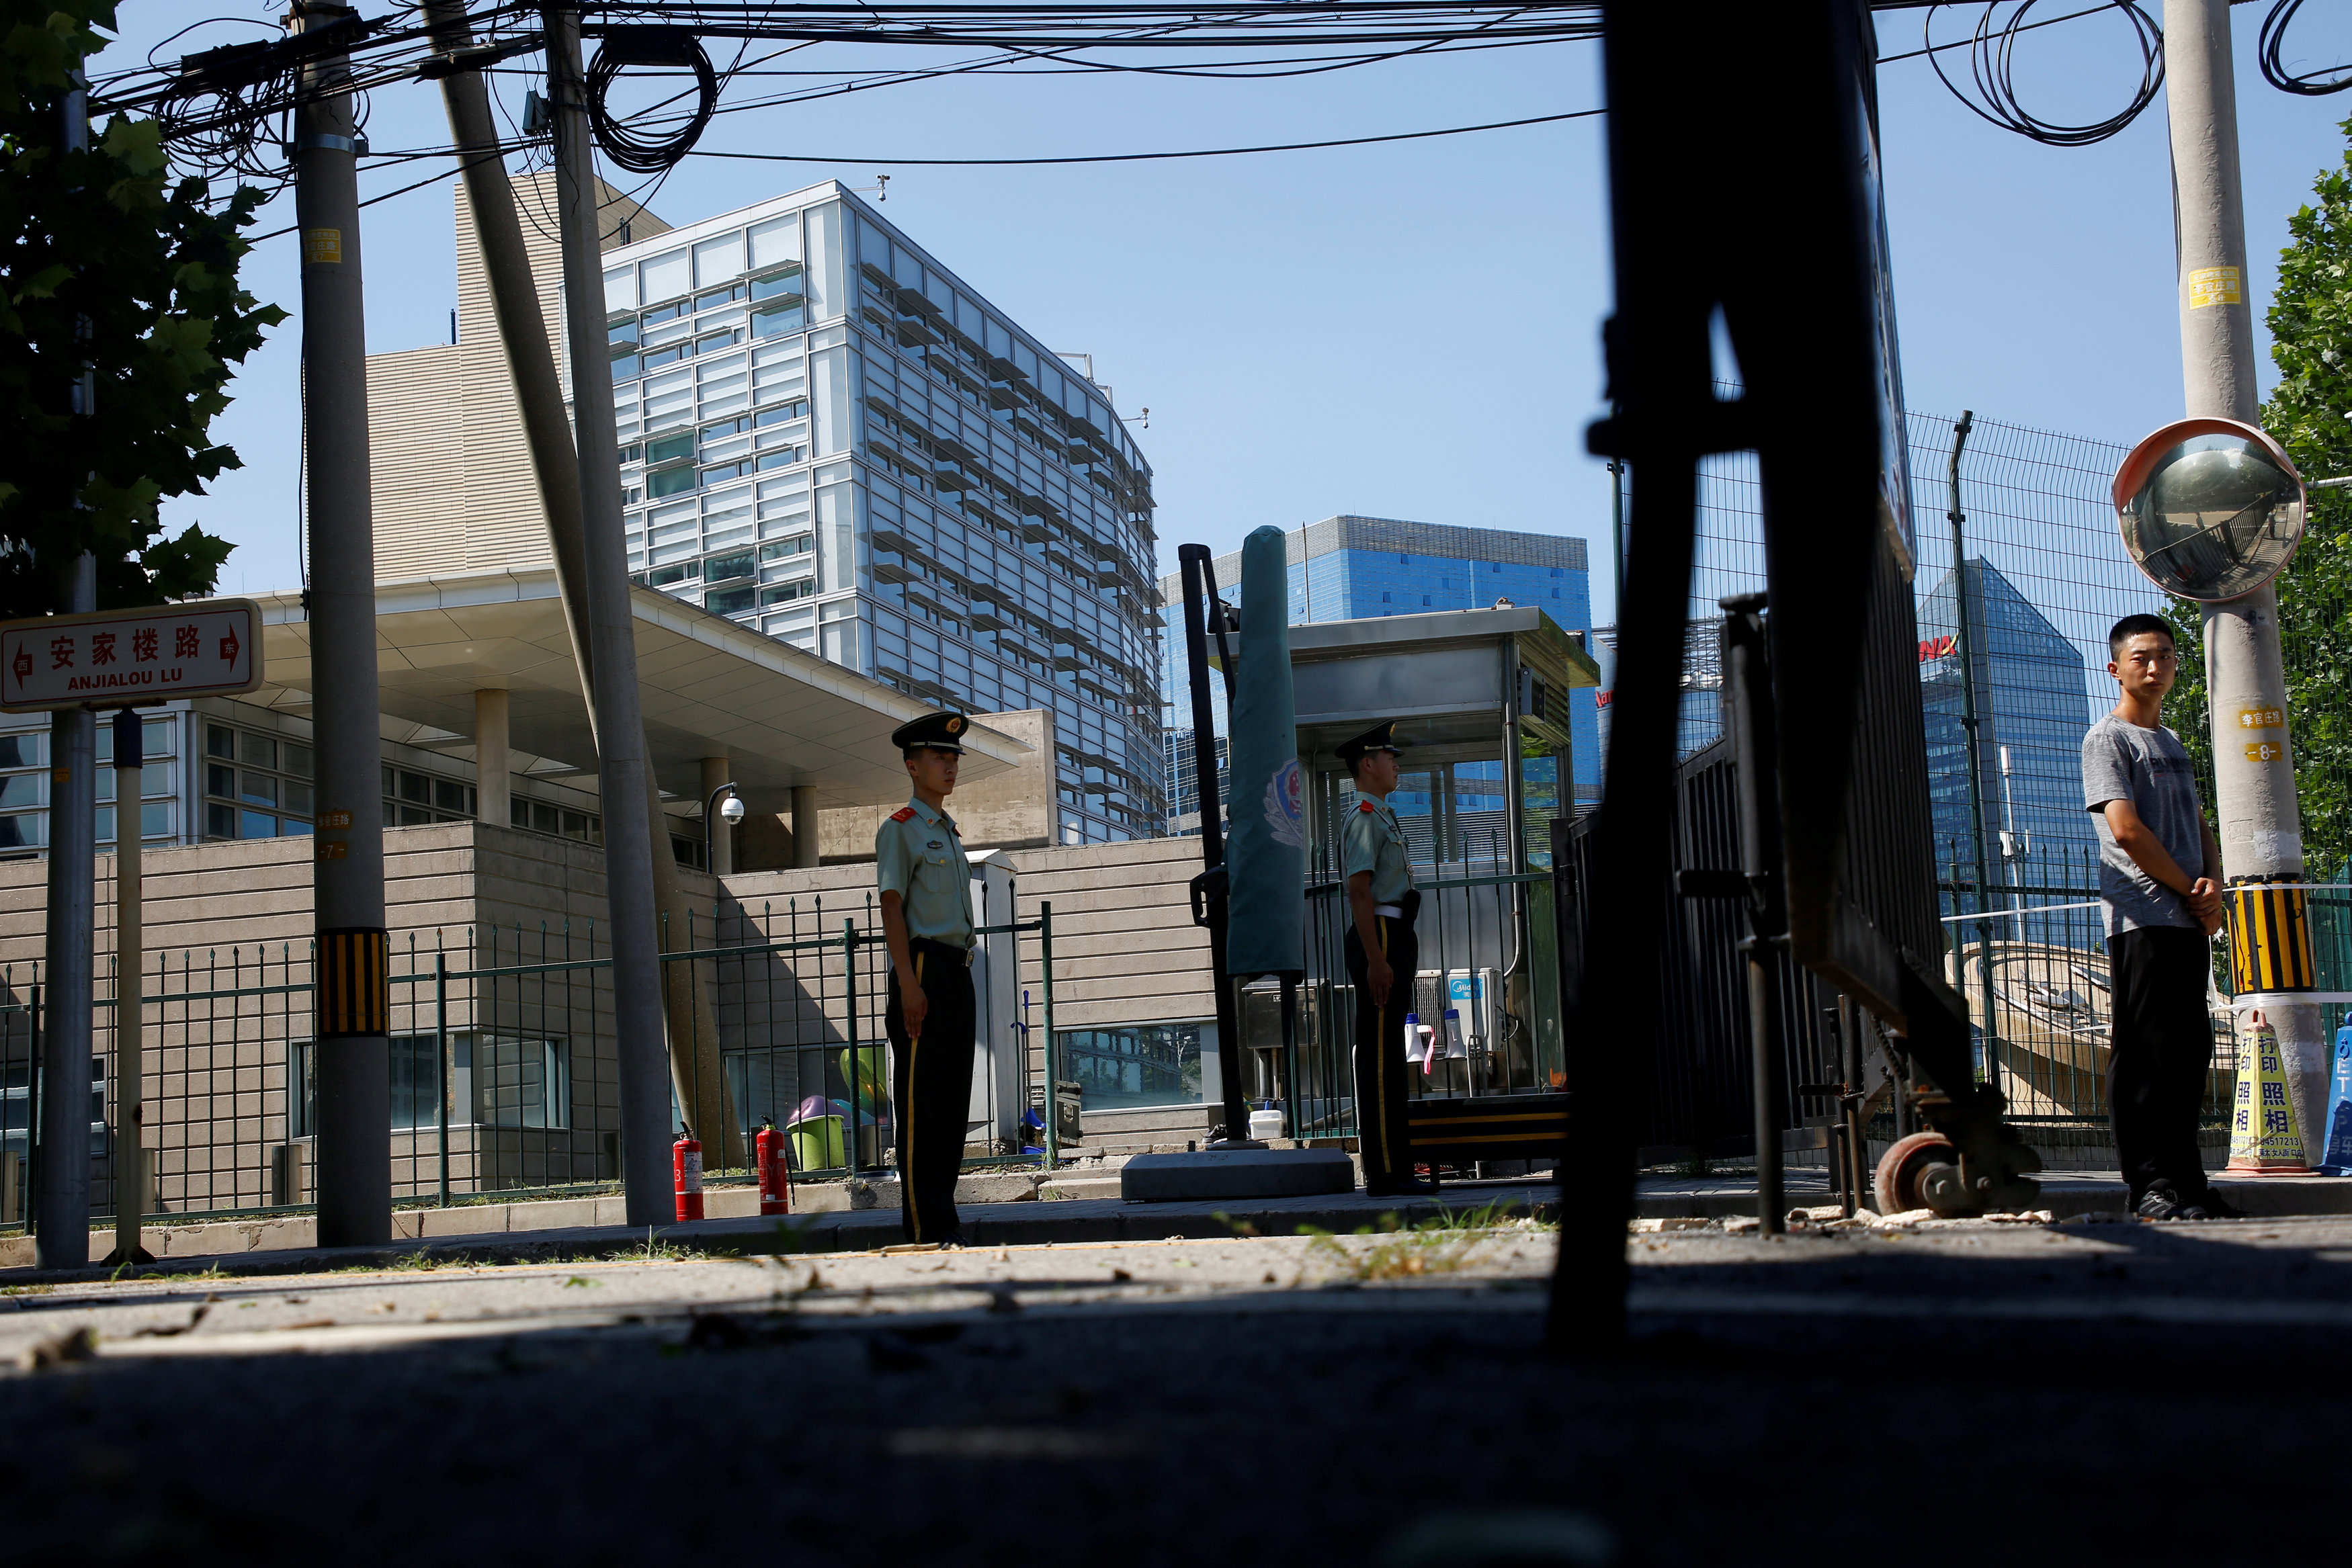 الشرطة الصينية تطوق مكان الحادث